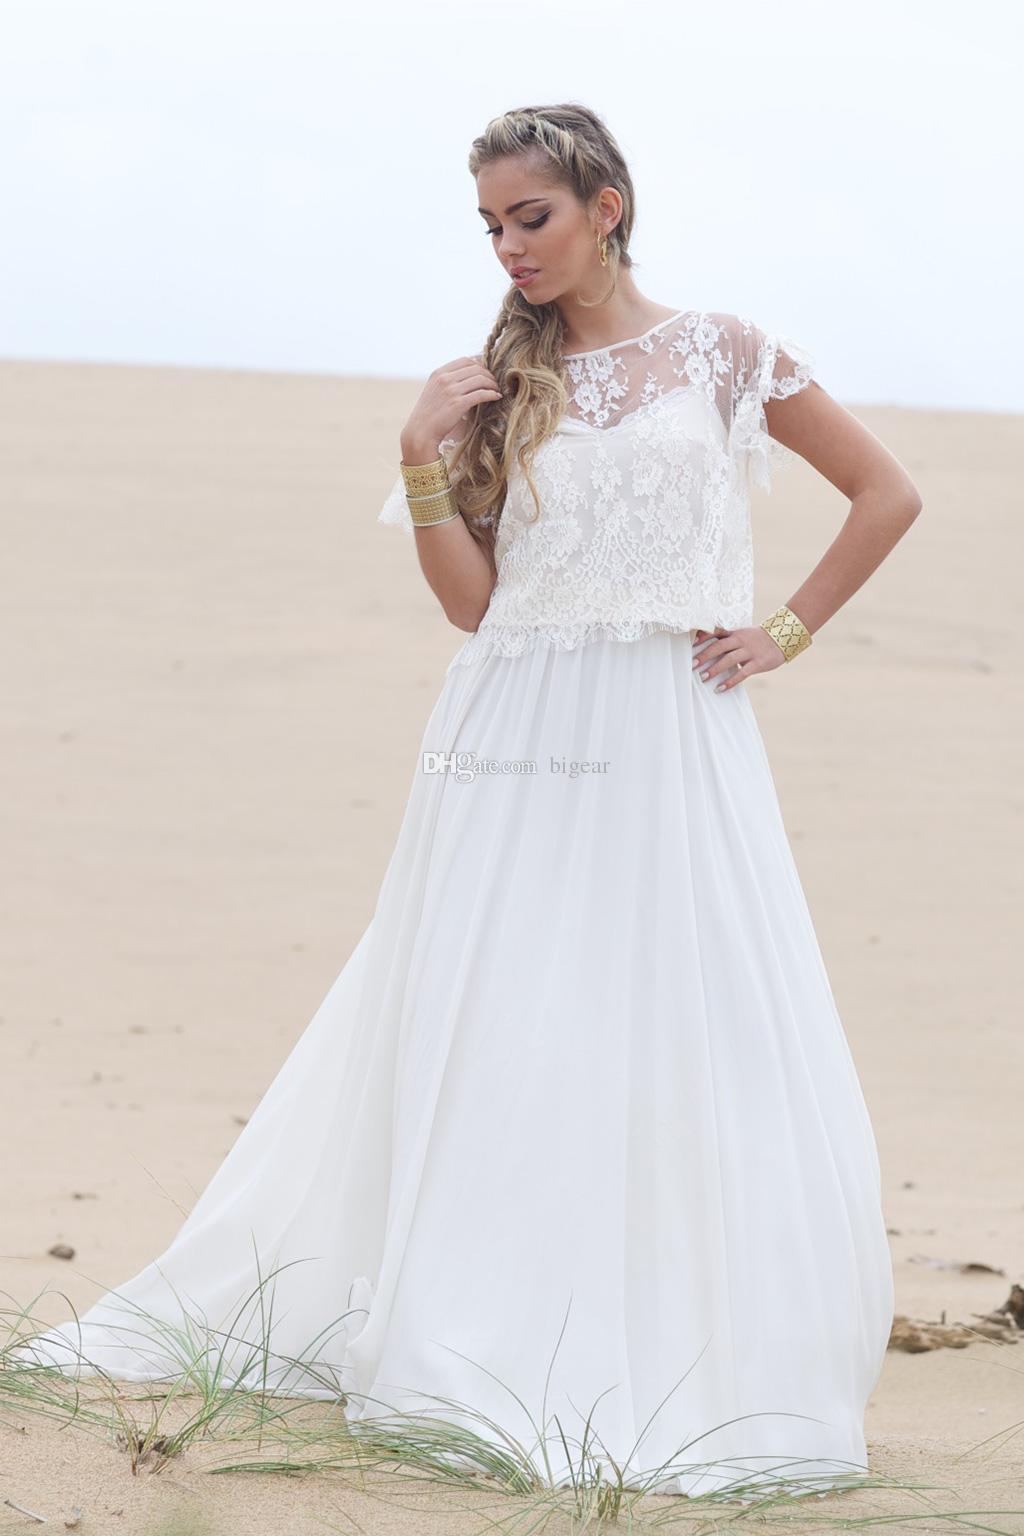 Großhandel Sommer Boho Hippie Beach Brautkleid Mit Spitze Jacke Von ...